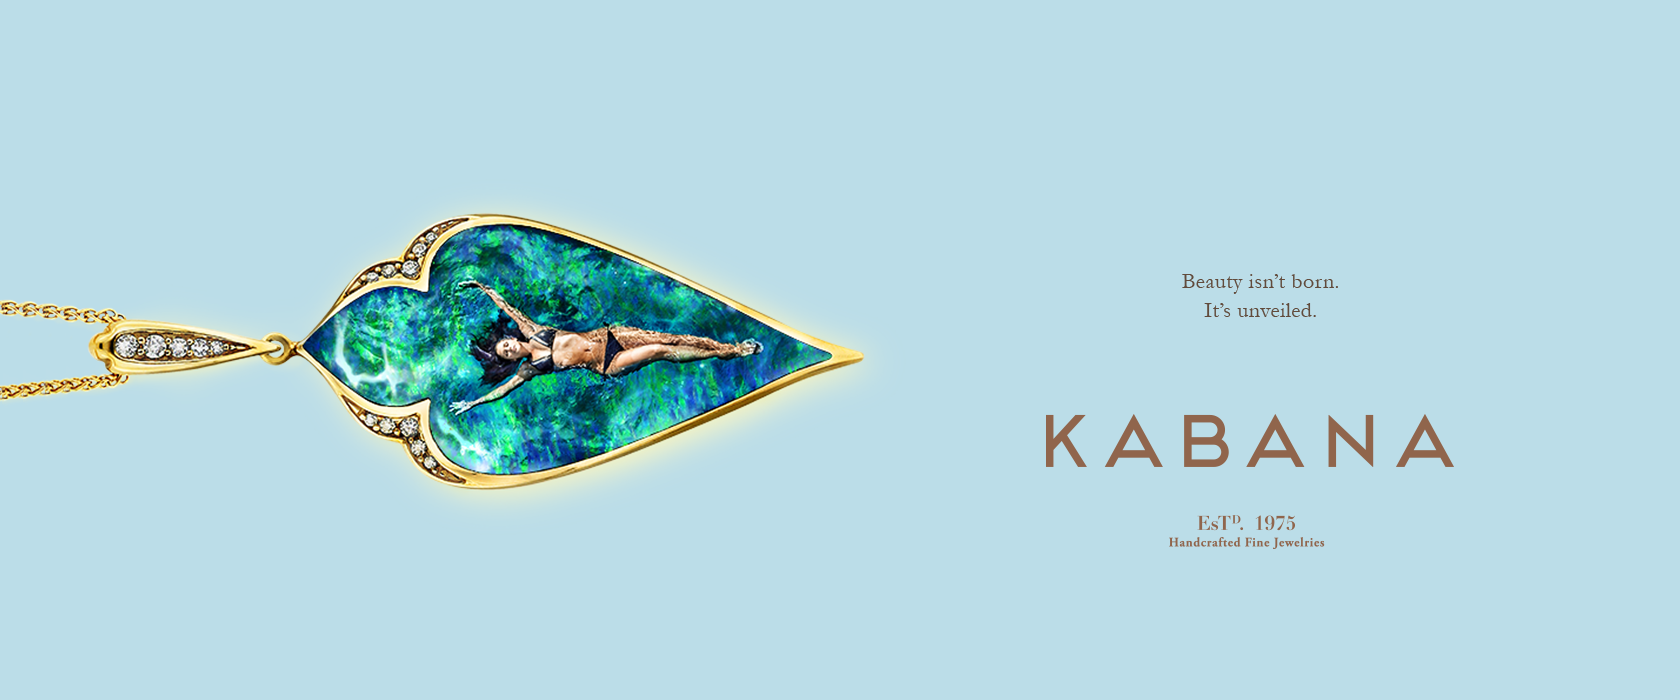 Kabana Opal Jewelry